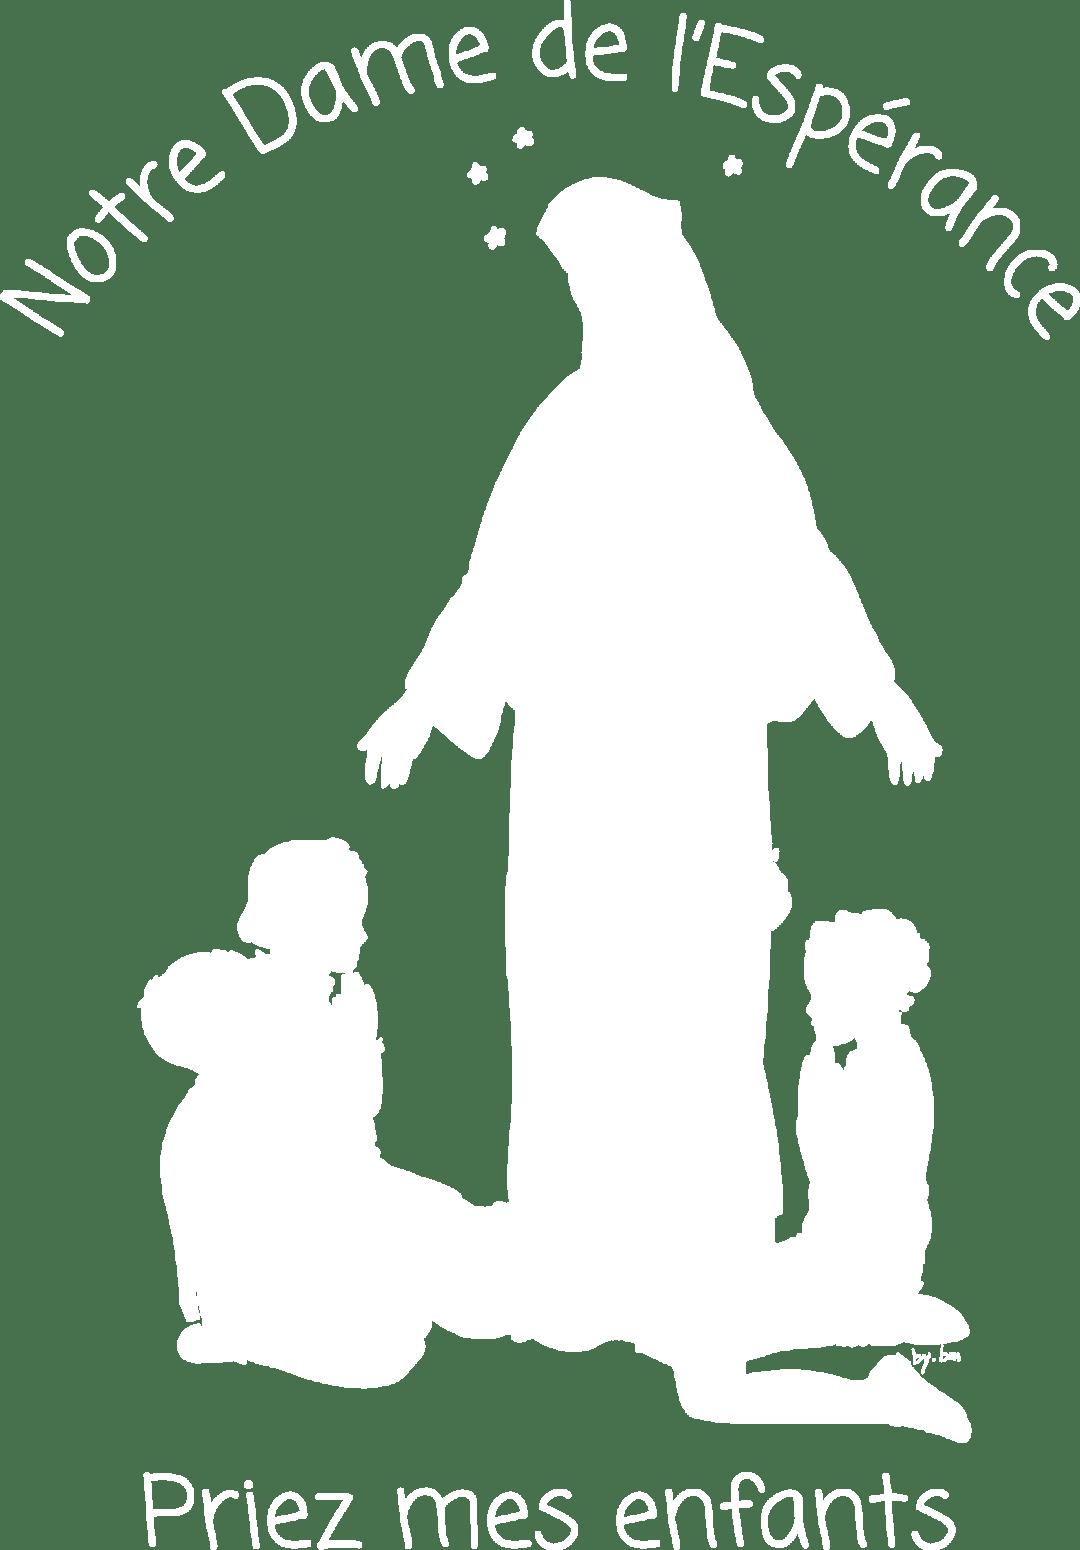 logo de l'école Notre-Dame de l'Espérance à Bourges, blanc sur fond transparent